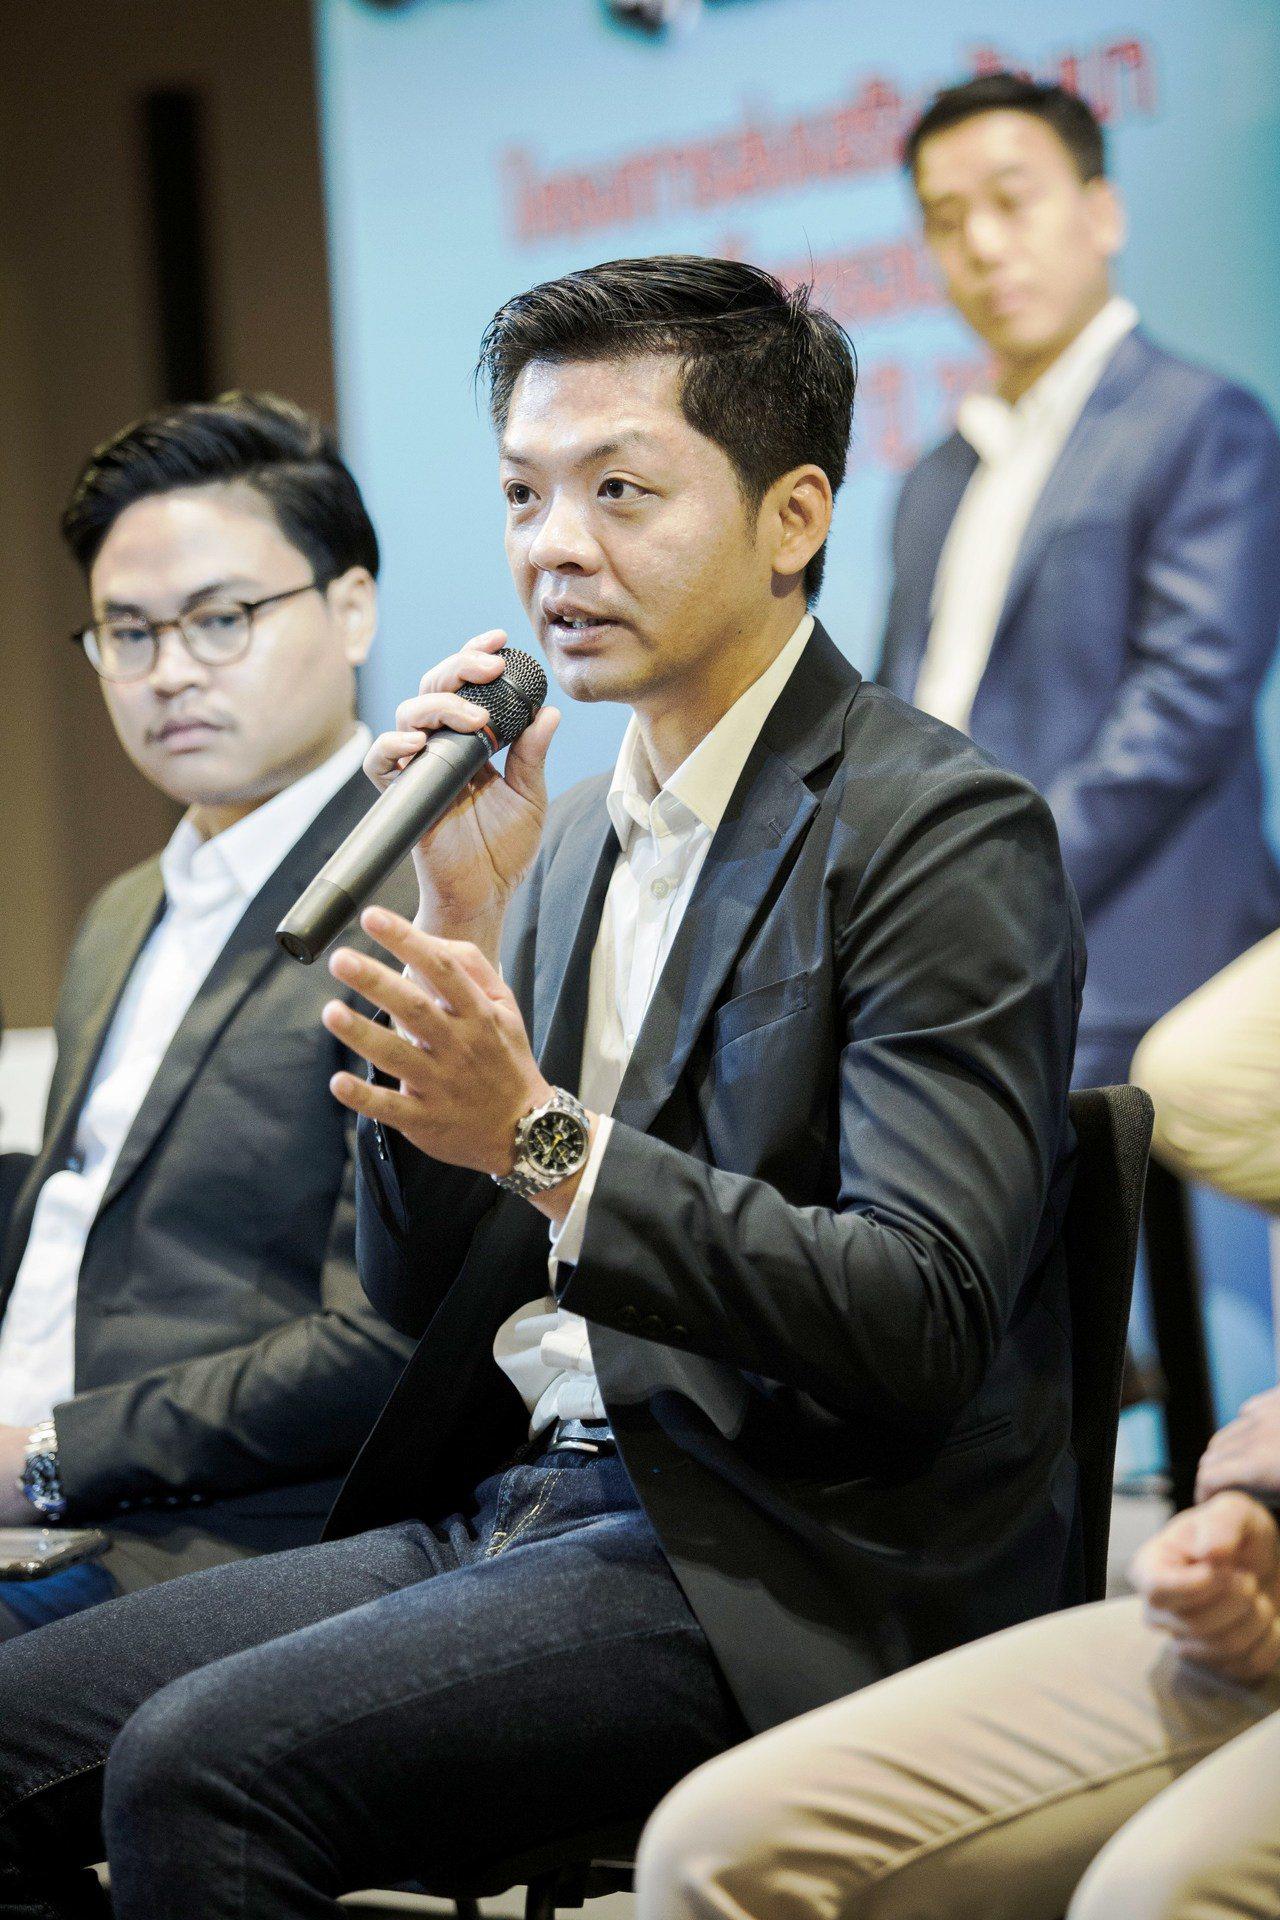 PChome Thai總經理蔡文雄希望盡快將泰國當地企業的特色商品賣進台灣市場,...